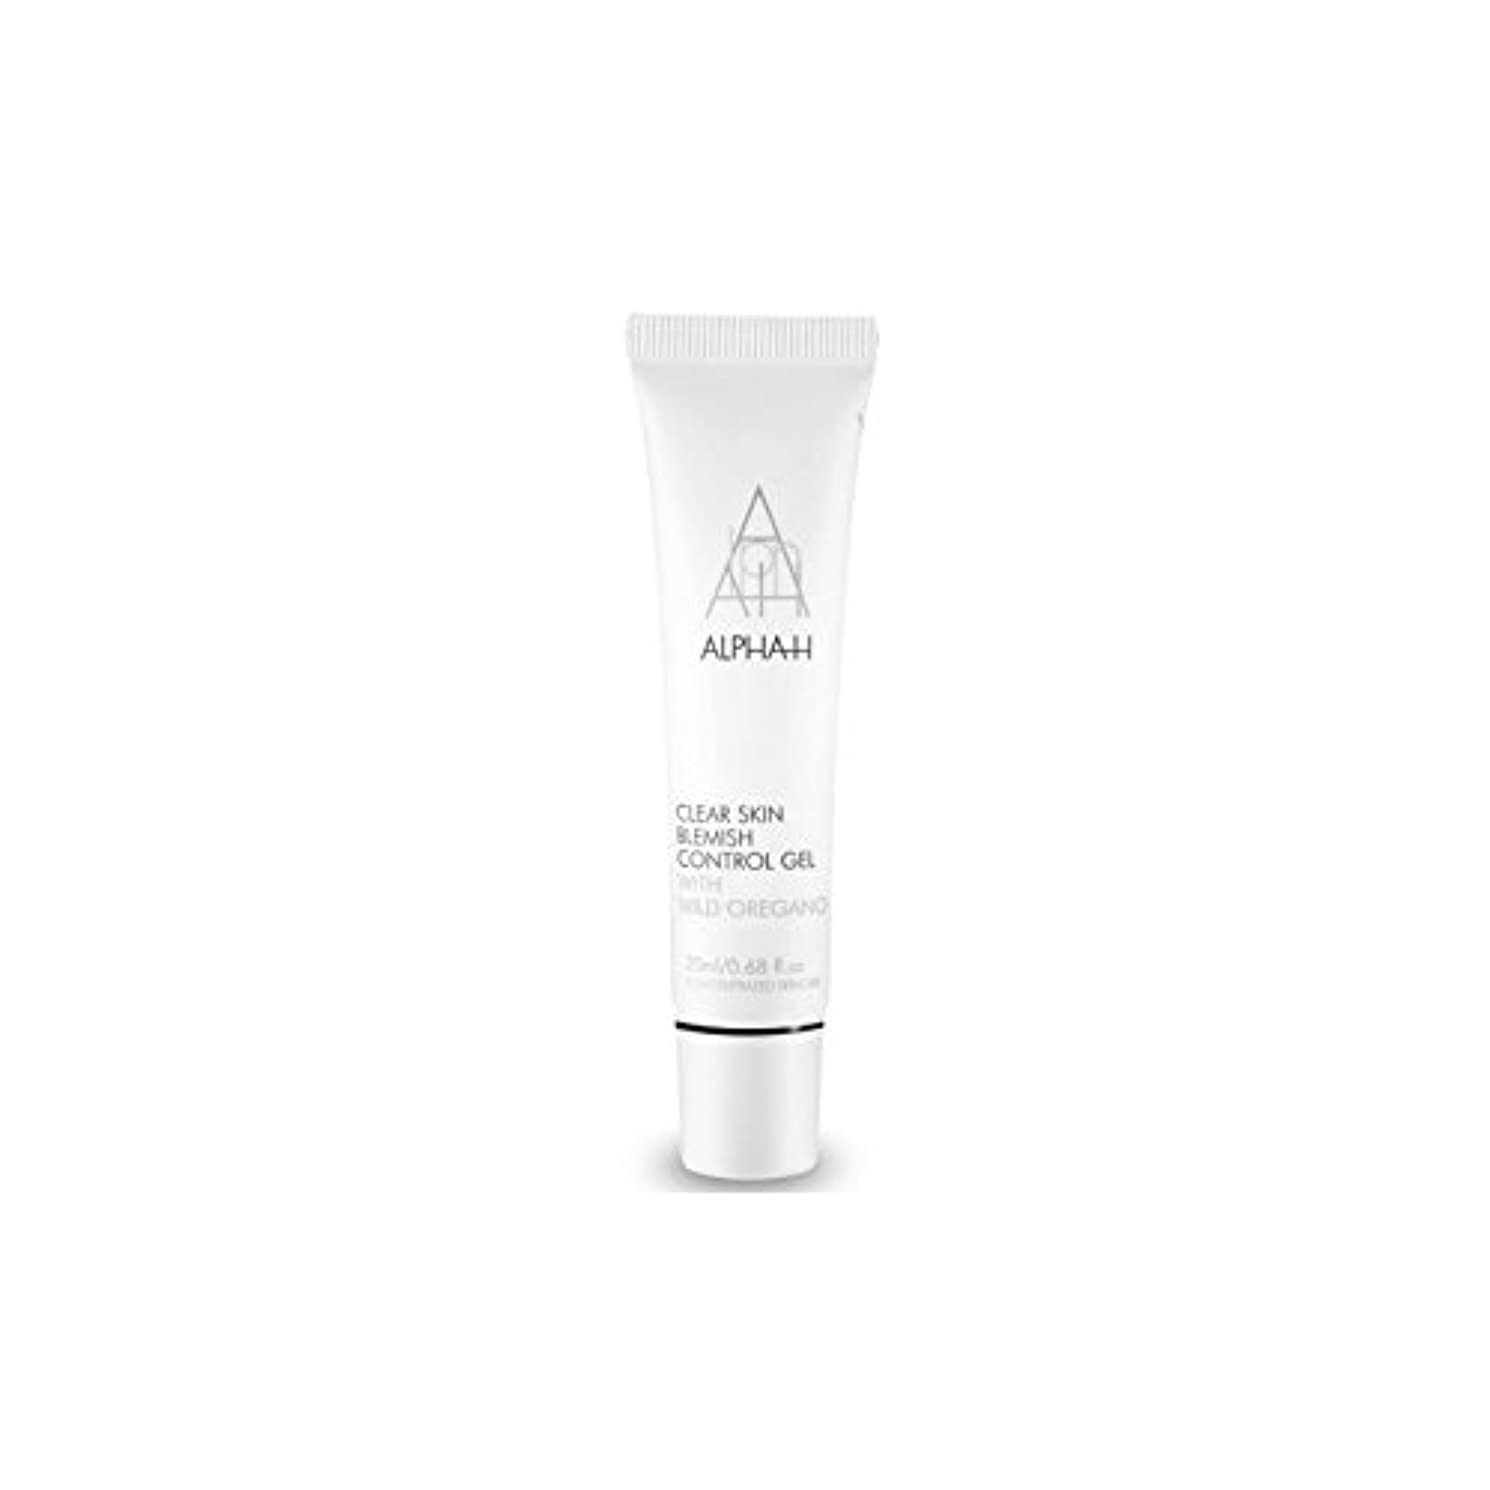 知り合いになる低いネックレスアルファクリア皮膚傷制御ゲル(20)中 x2 - Alpha-H Clear Skin Blemish Control Gel (20ml) (Pack of 2) [並行輸入品]